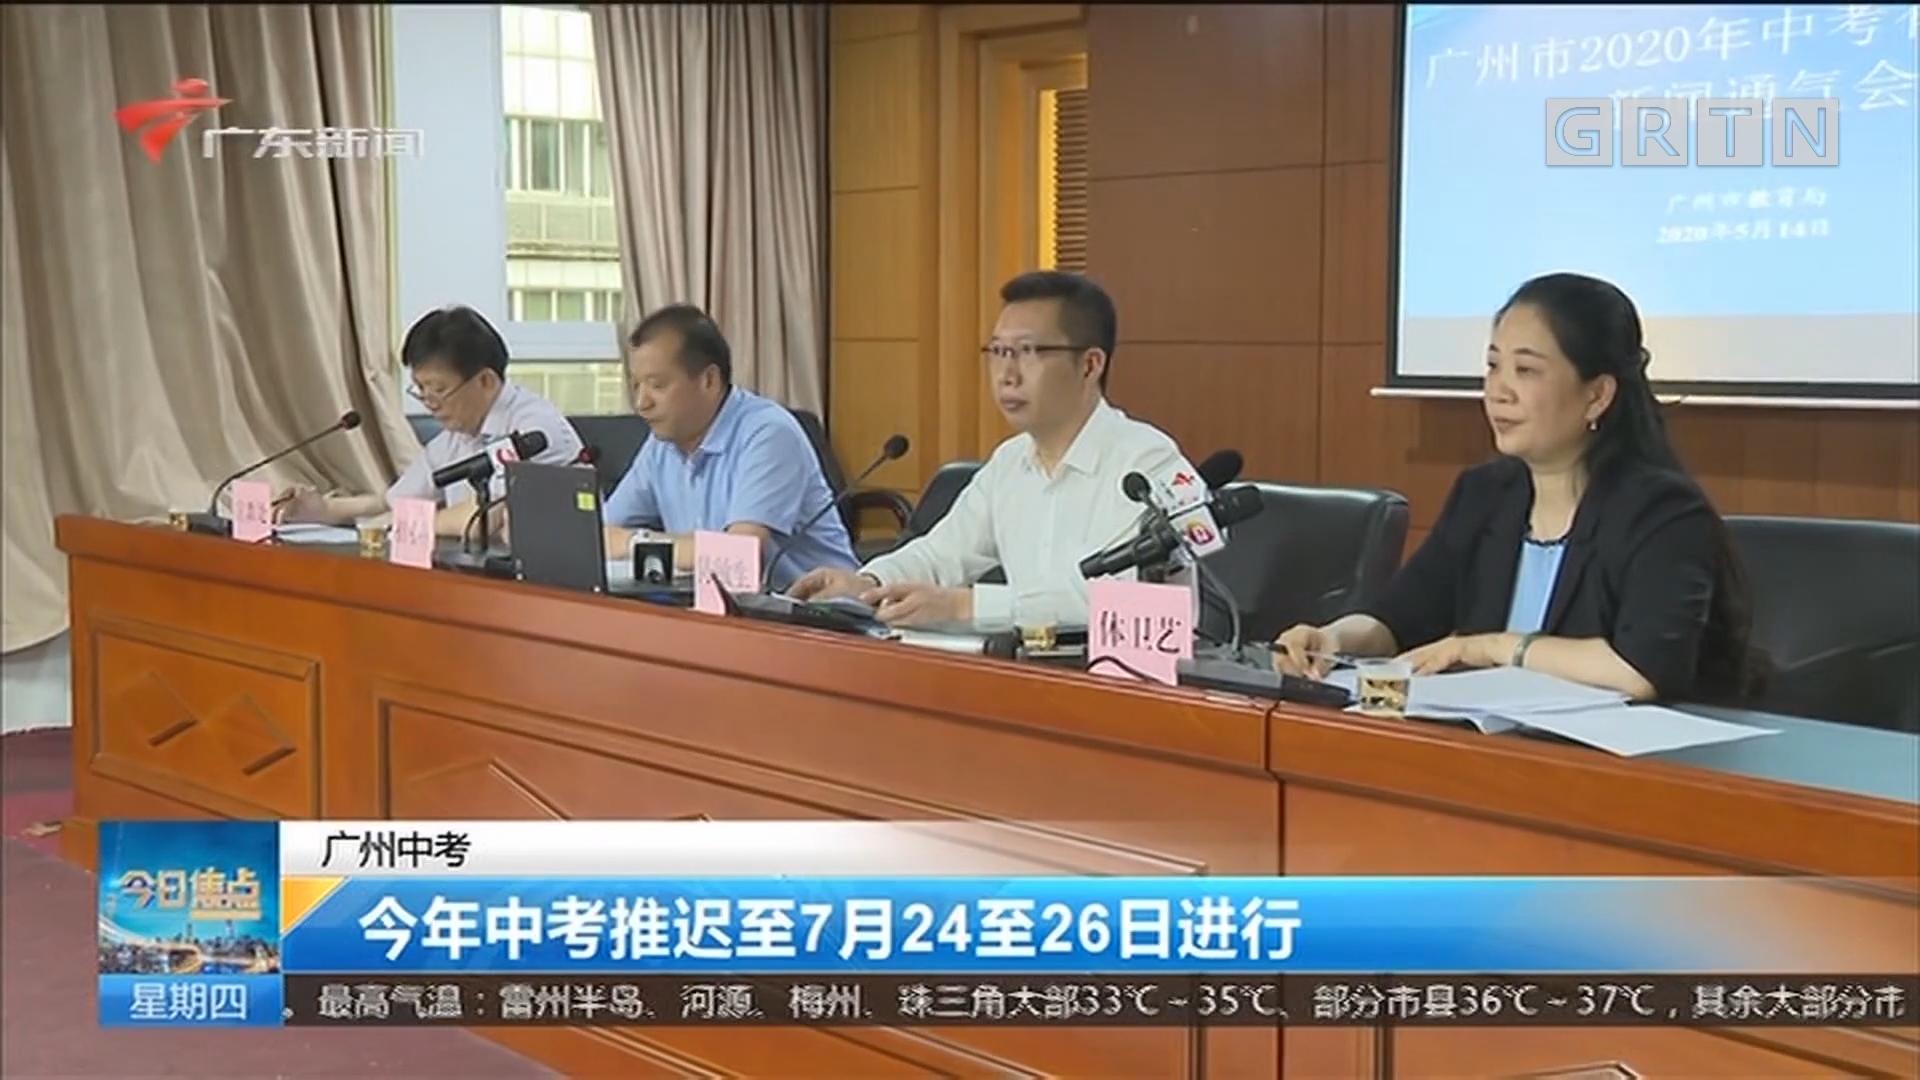 广州中考 今年中考推迟至7月24至26日进行